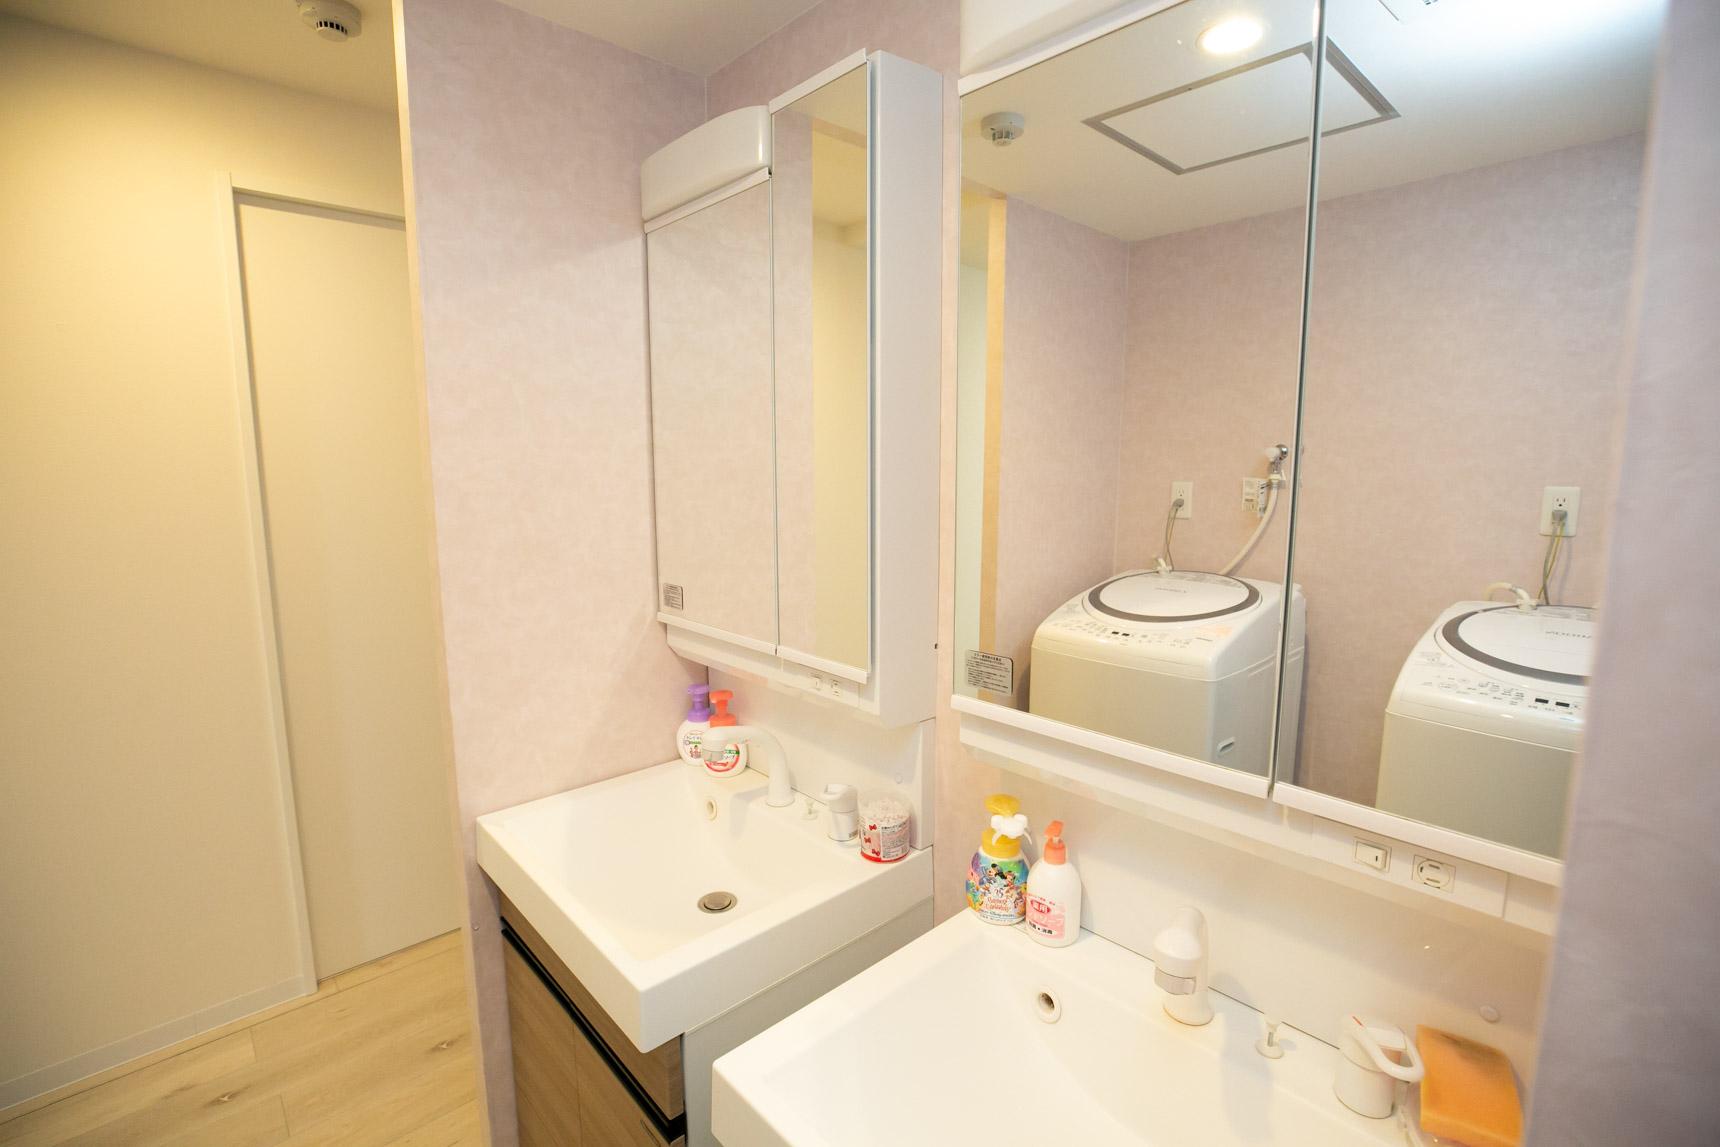 洗面台、洗濯機、シャワールーム、トイレも、6人のお部屋に2つずつあるので、順番待ちをすることなく使えそうです。